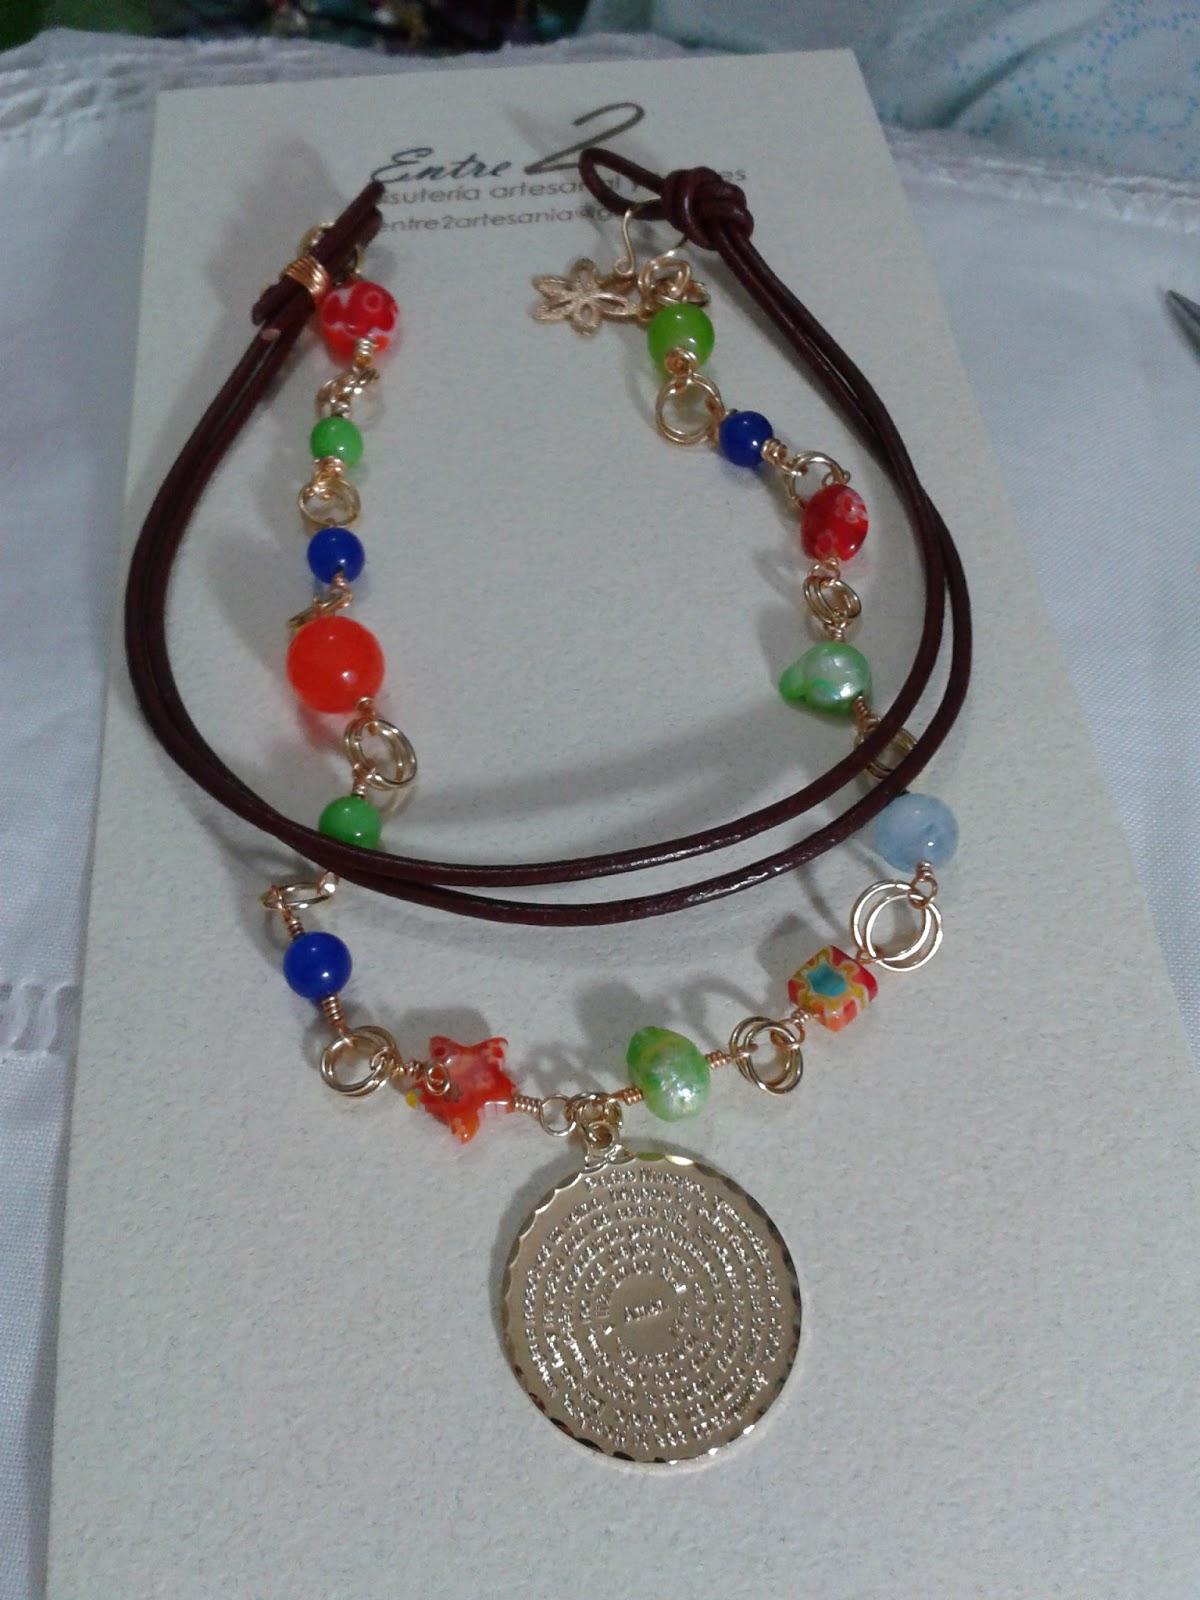 4cd6d236a6b8 entre2artesania.blogspot.com  Collar largo con piedras